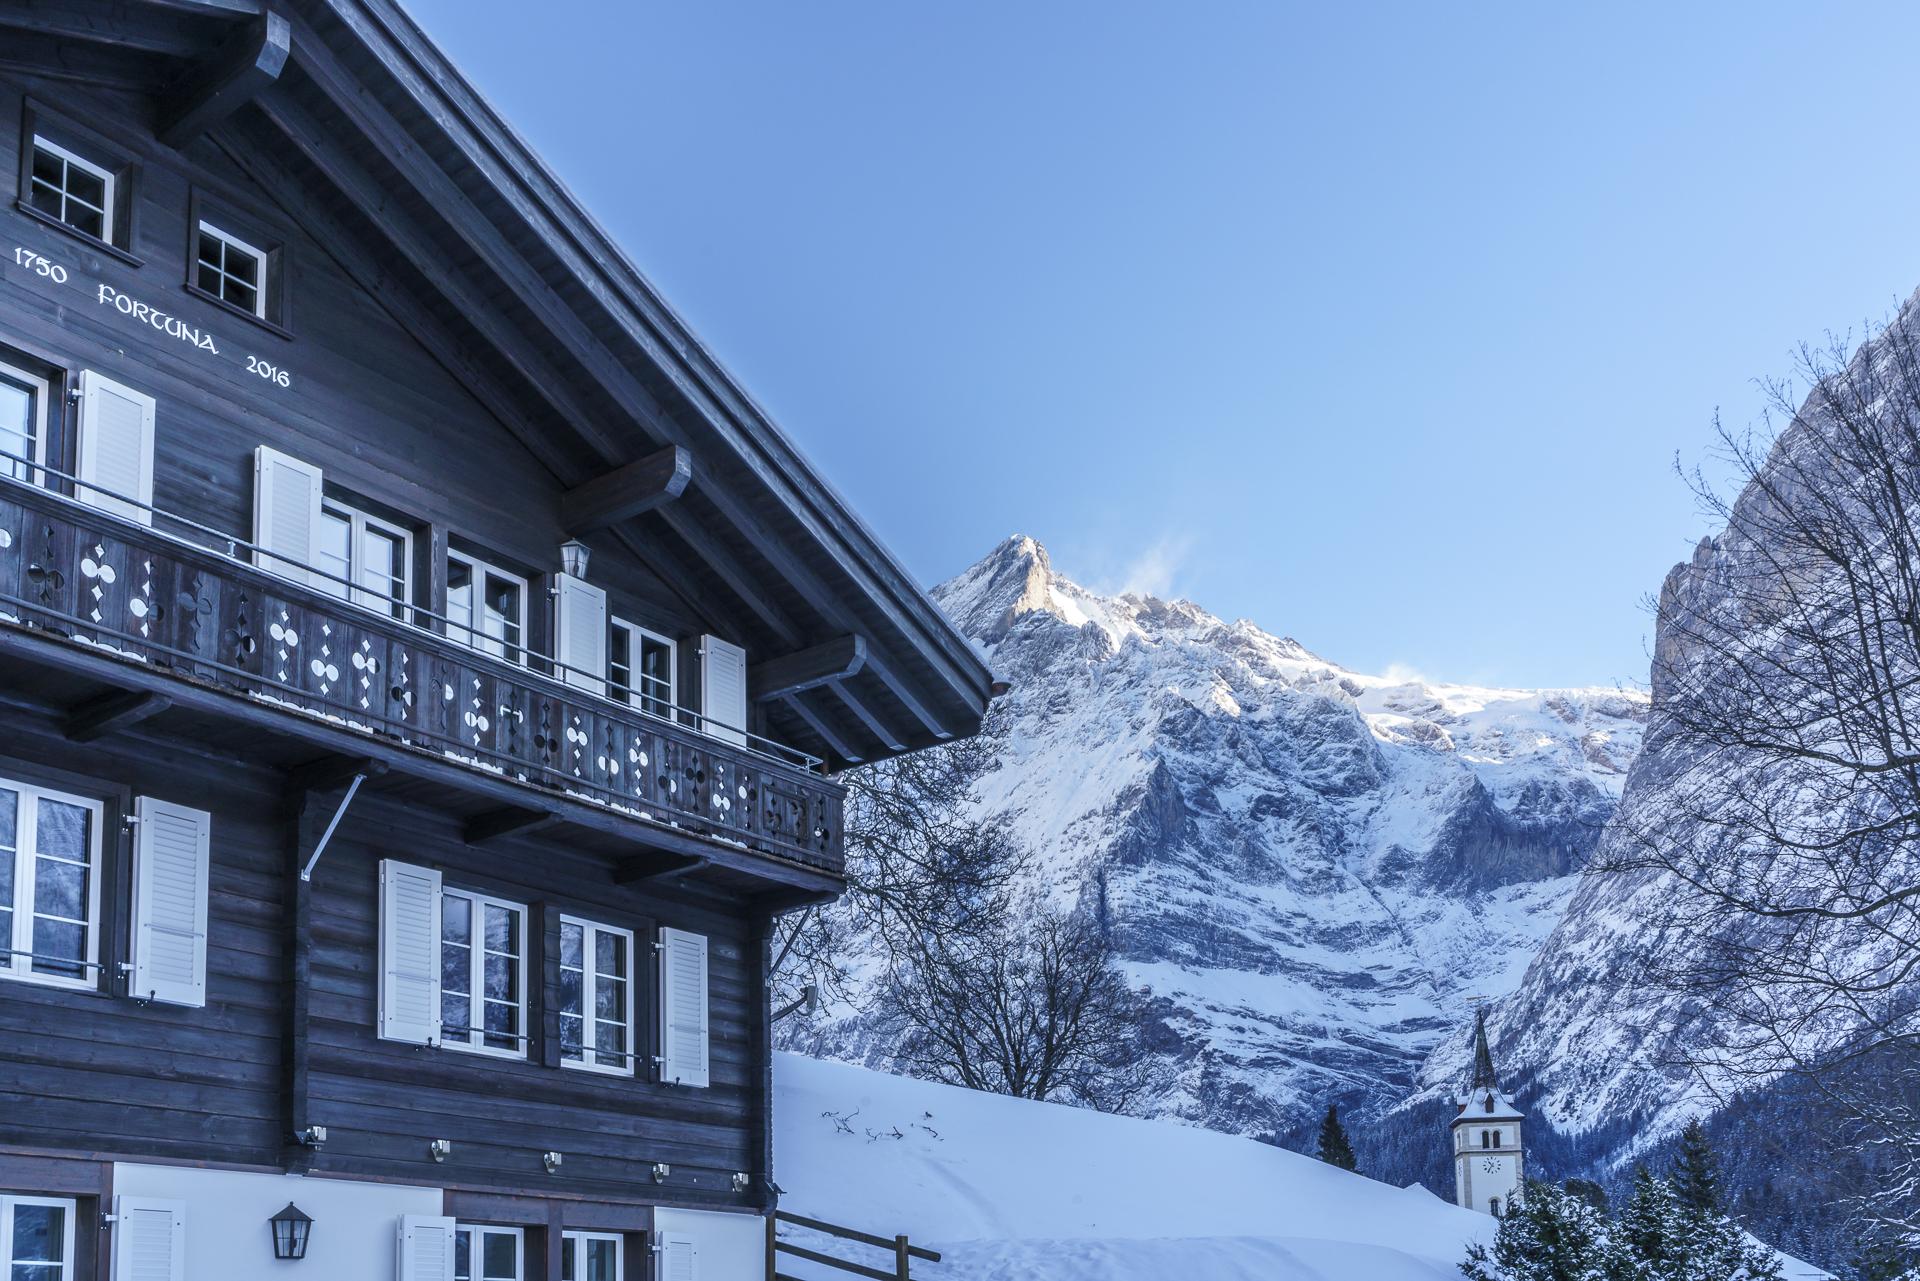 Chalet Fortuna Grindelwald